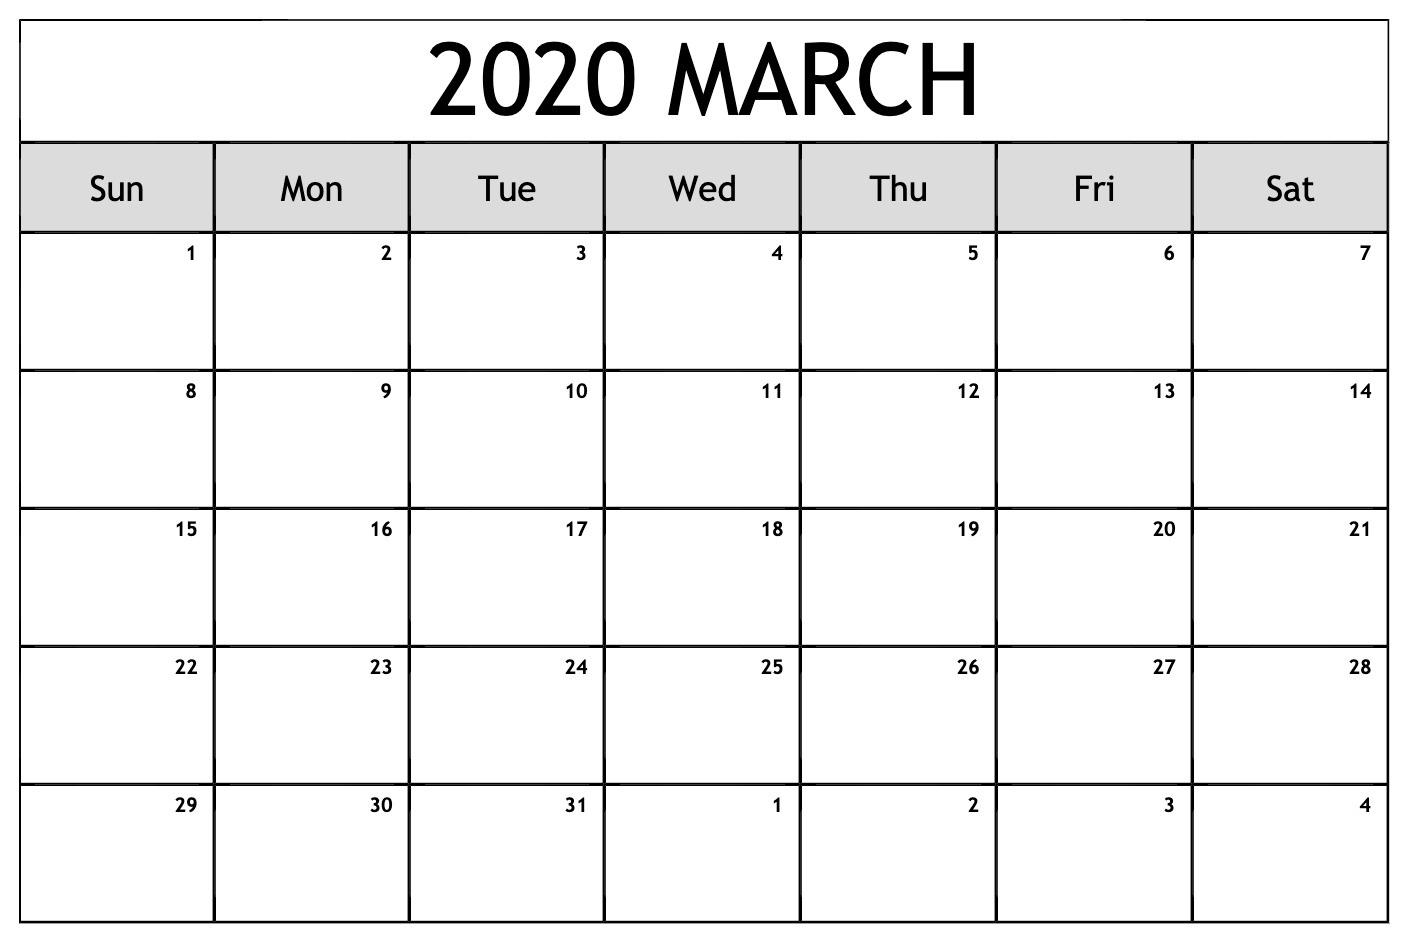 March 2020 Calendar Free